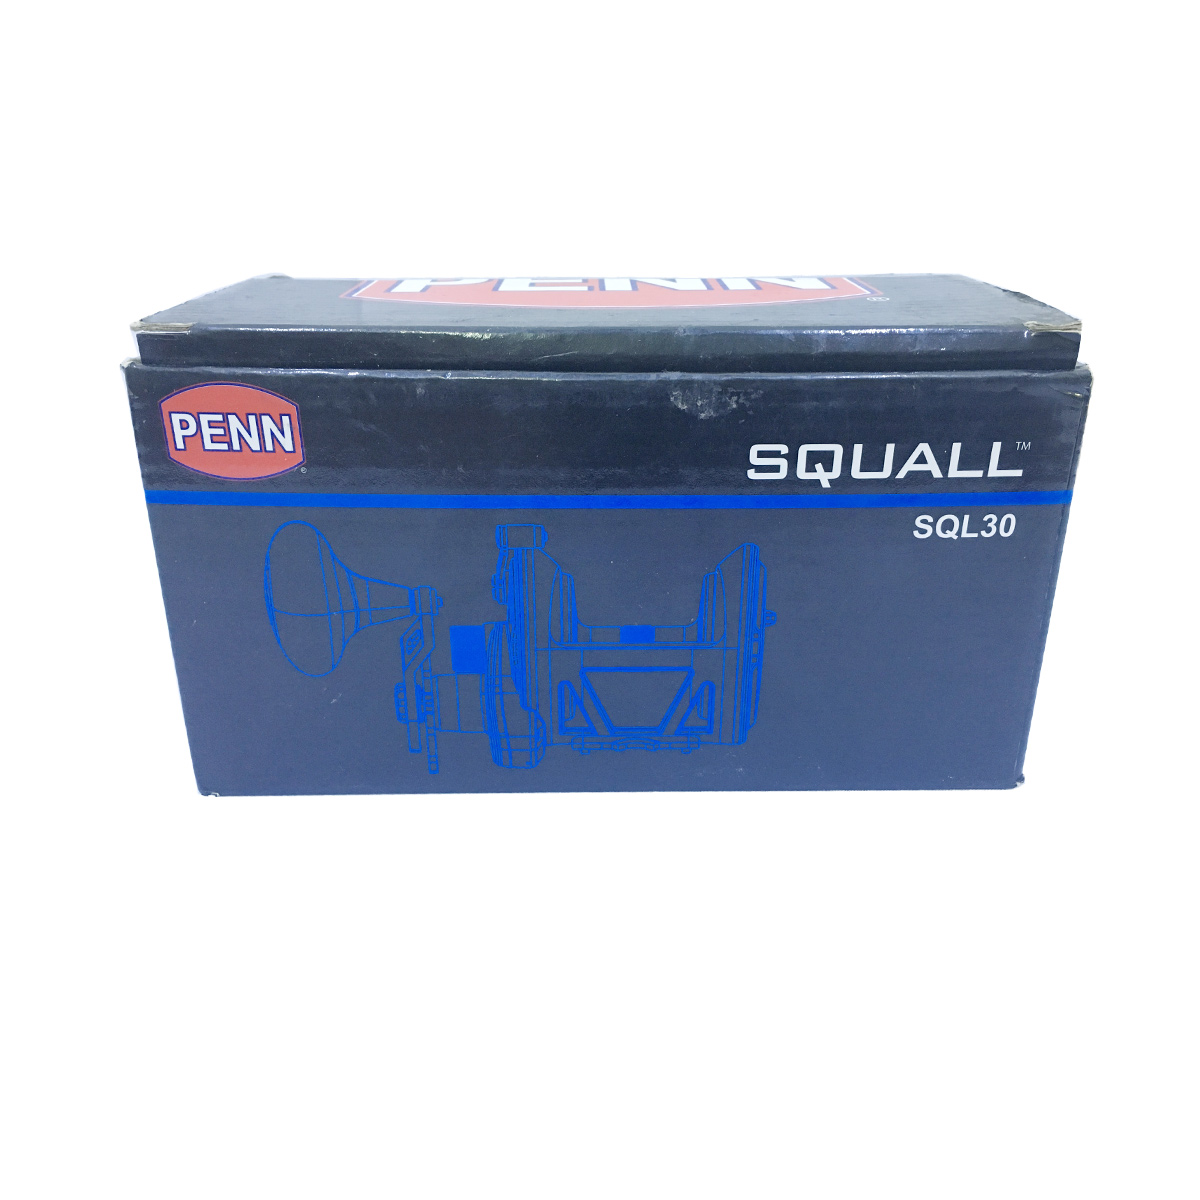 Máy Câu Ngang Penn Squall Star Drag 30 Chính Hãng Bảo Hành 1 Năm